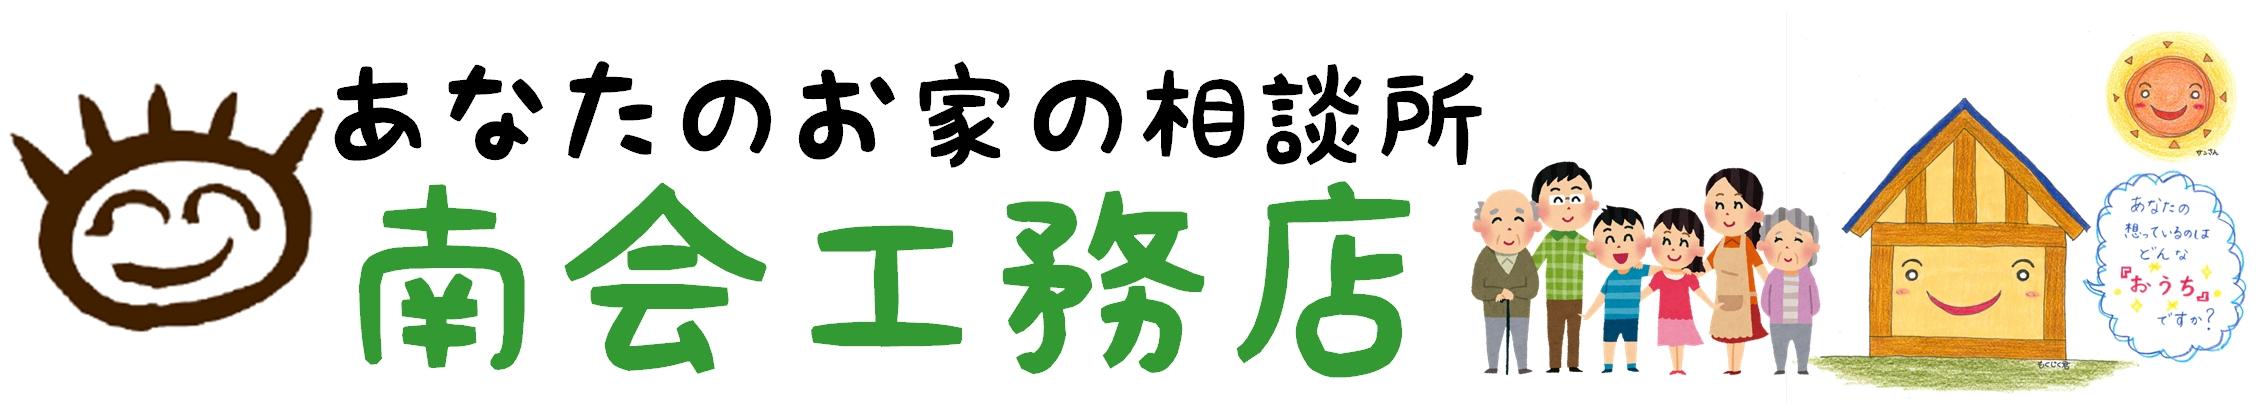 家づくりの相談所|東京都板橋区南会工務店